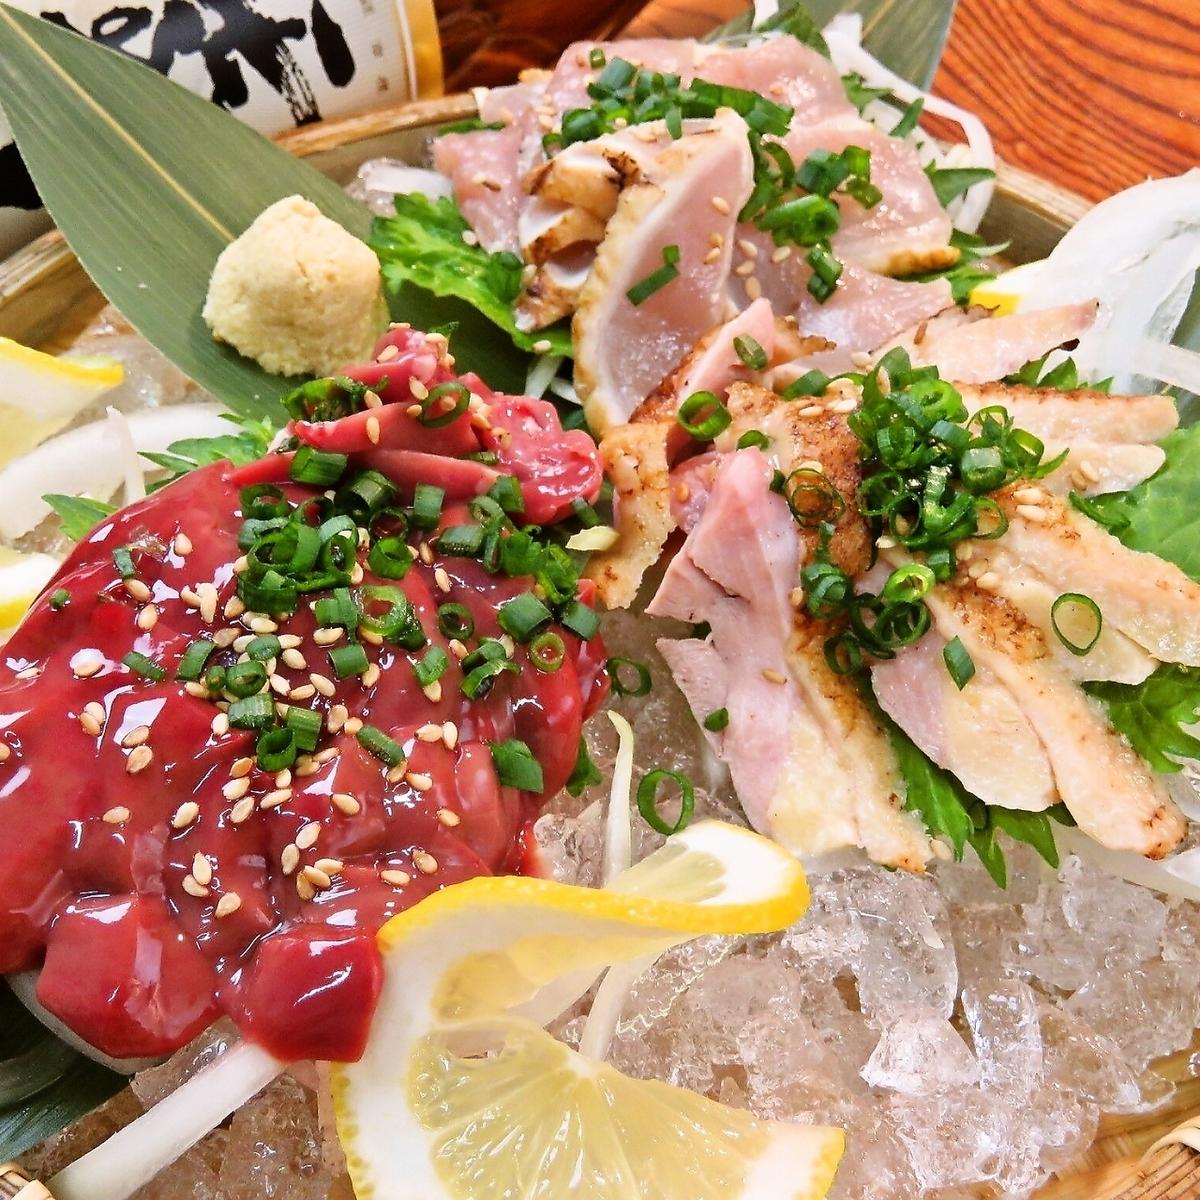 名物!!新鮮な【薩摩地鶏の鶏刺し】三点盛り(モモ・ムネ・レバー)1200円